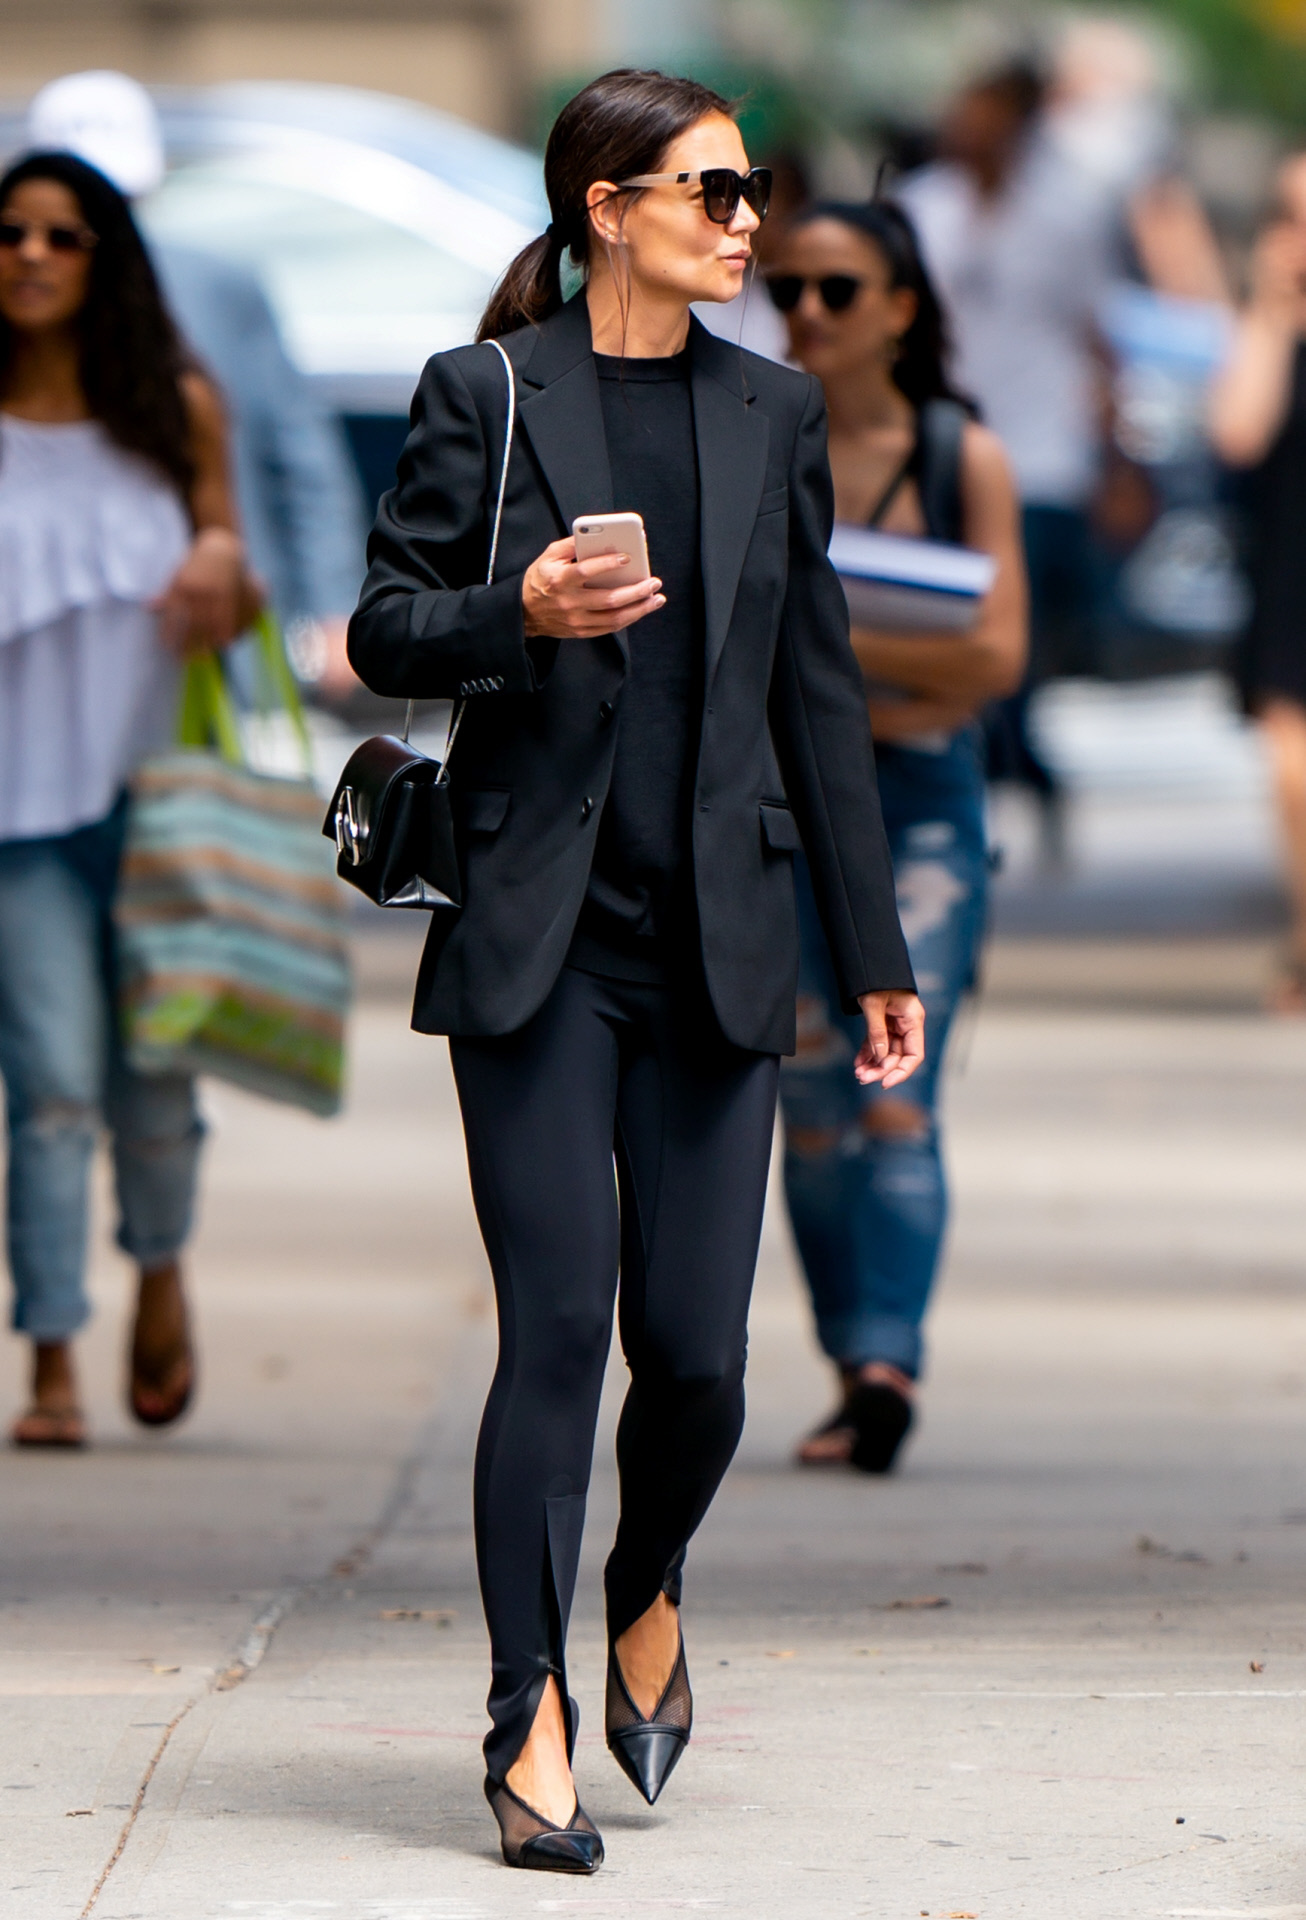 Katie Holmes pasea por Nueva York con total look negro